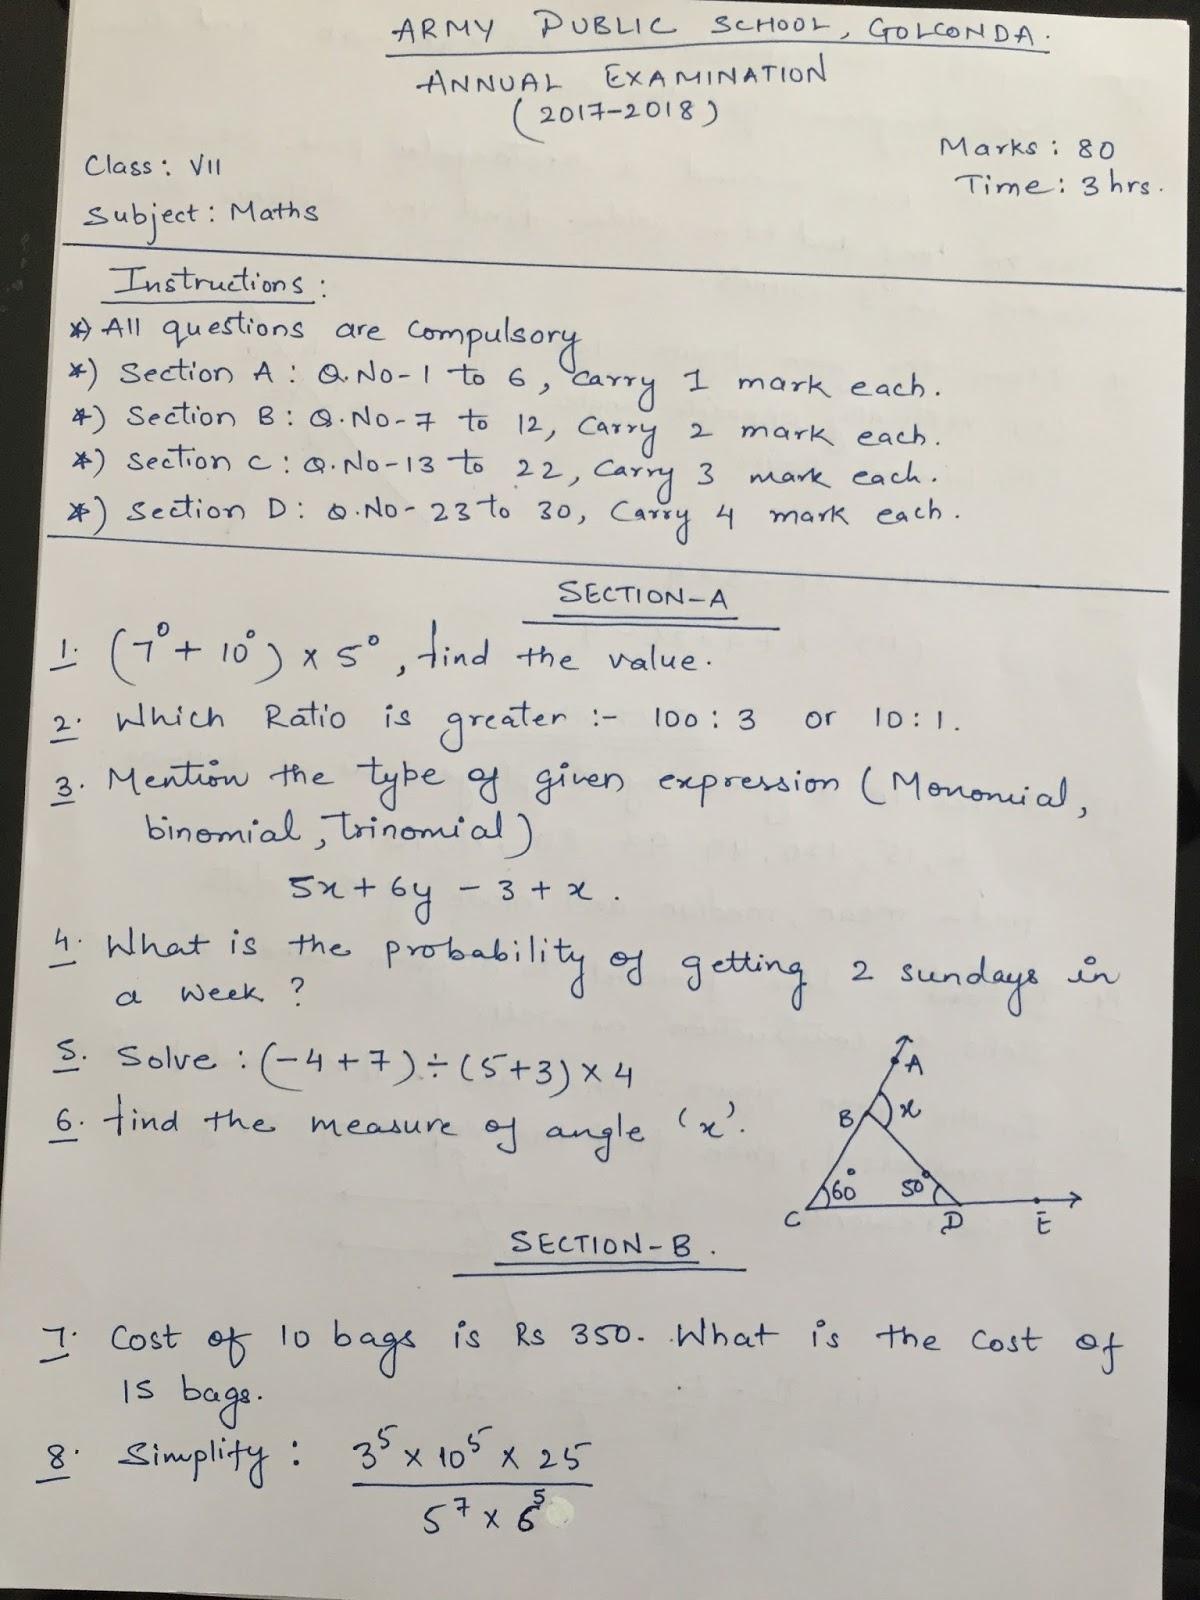 APS, Golconda | Priyanka Gupta: CLASS 7 / MATHS / REVISION